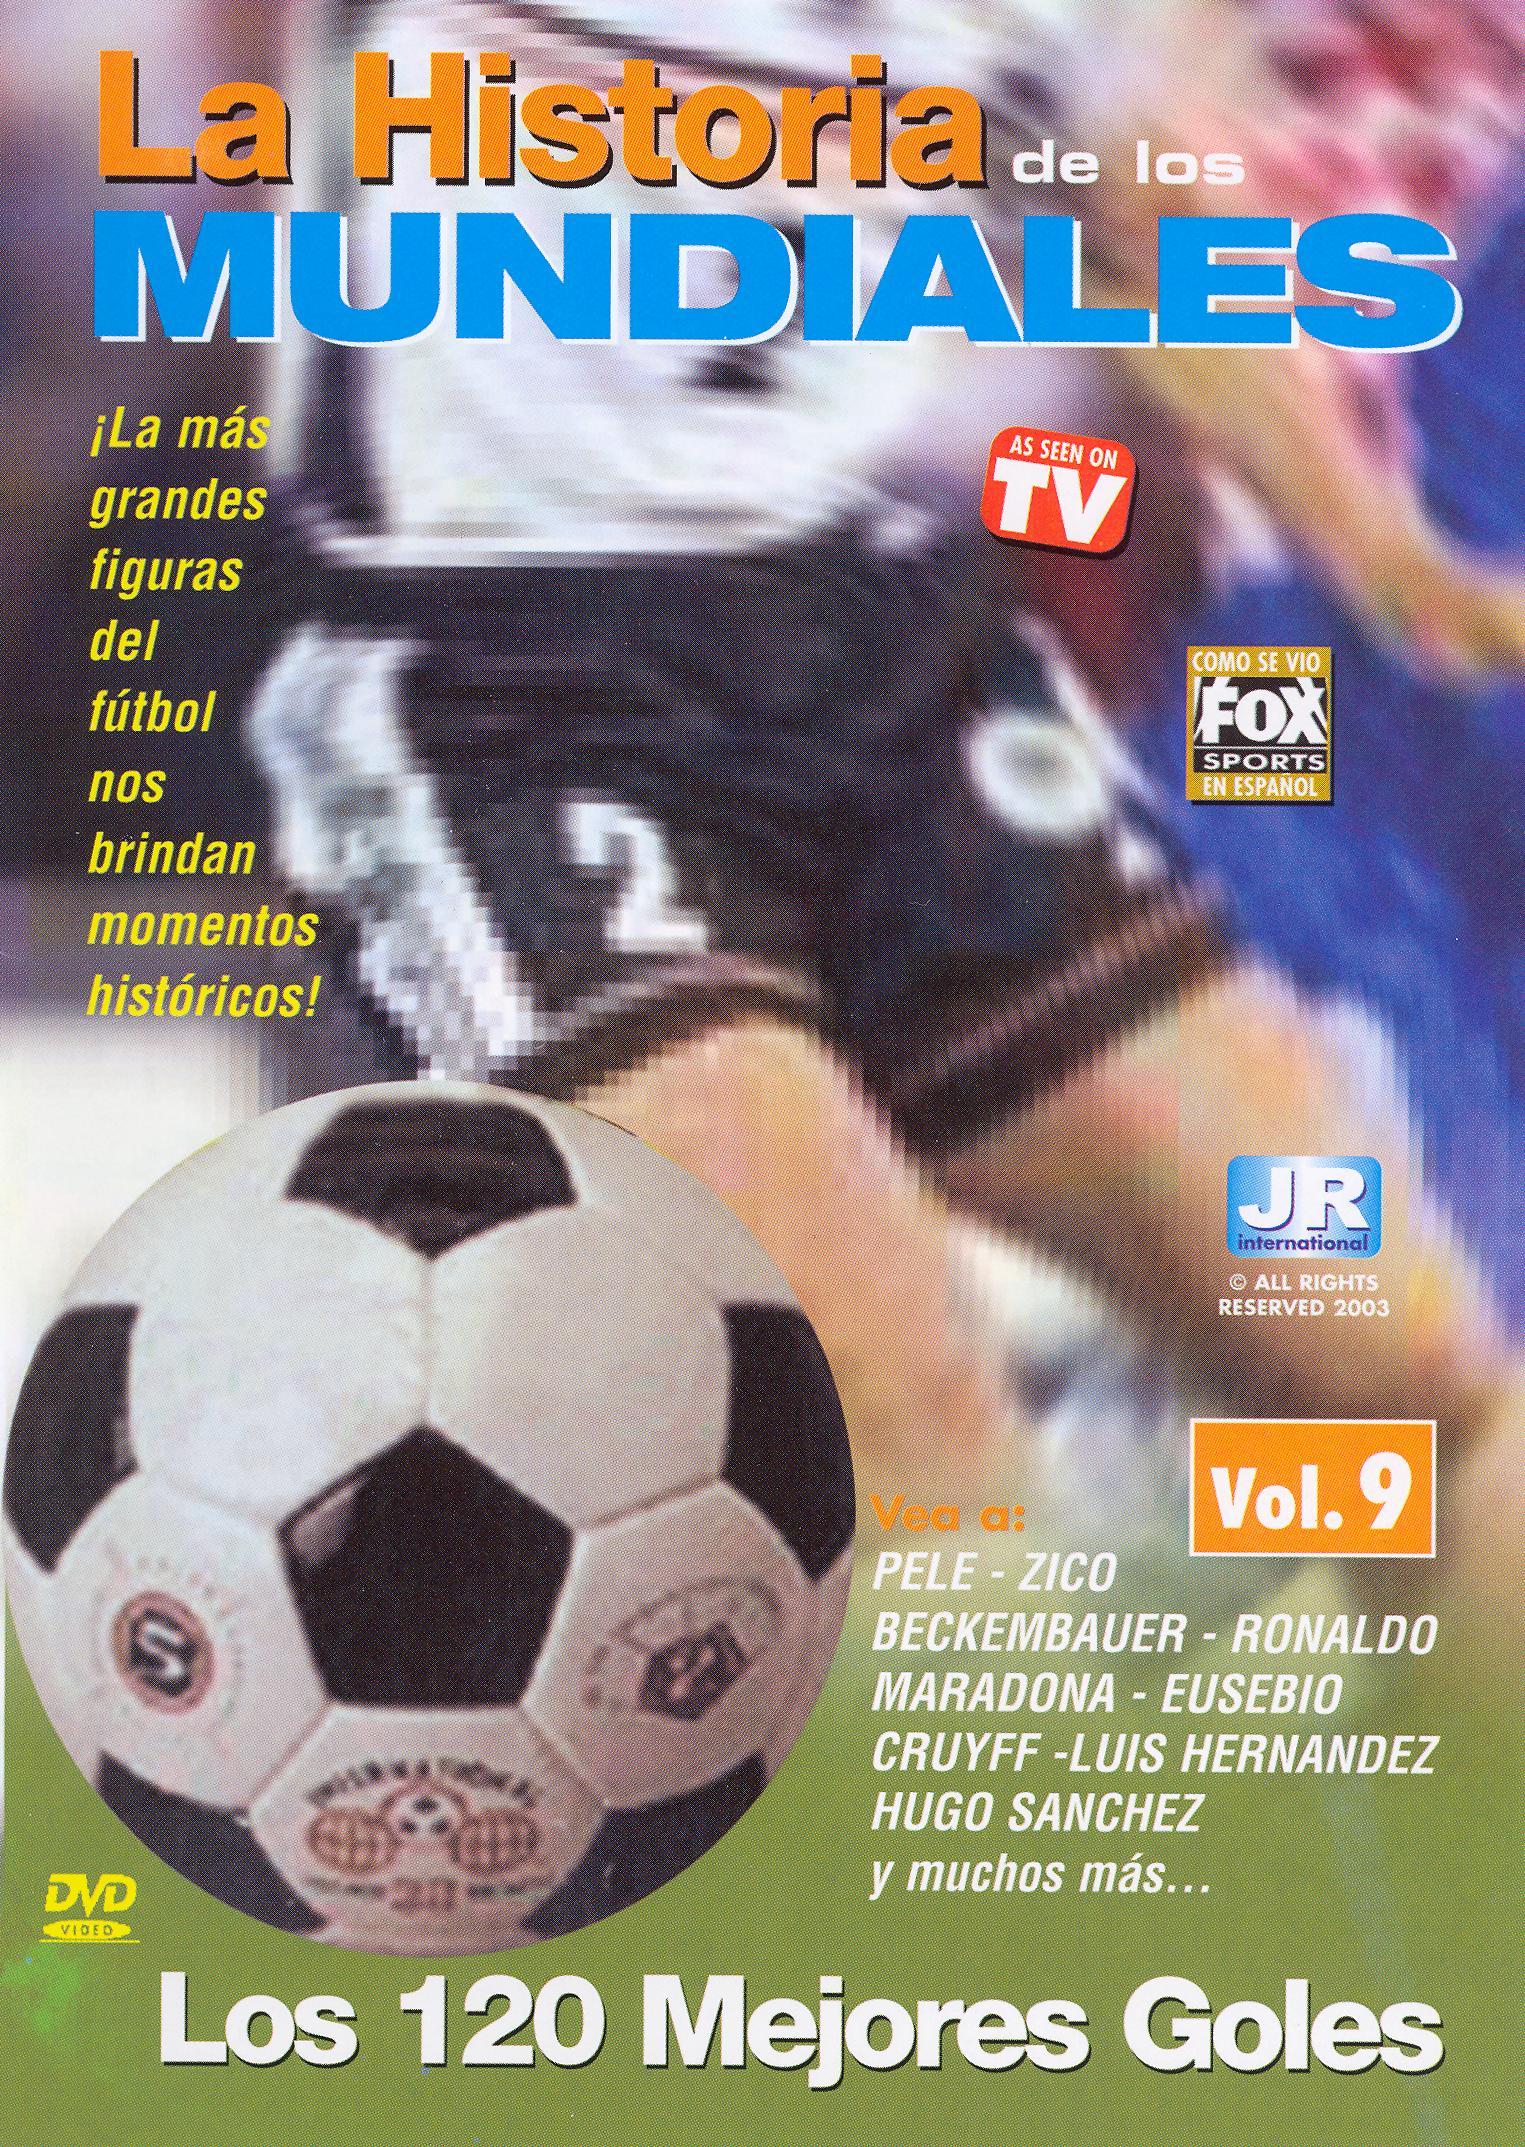 La Historia de los Mundiales de Futbol, Vol. 9: Los 120 Mejores Goles